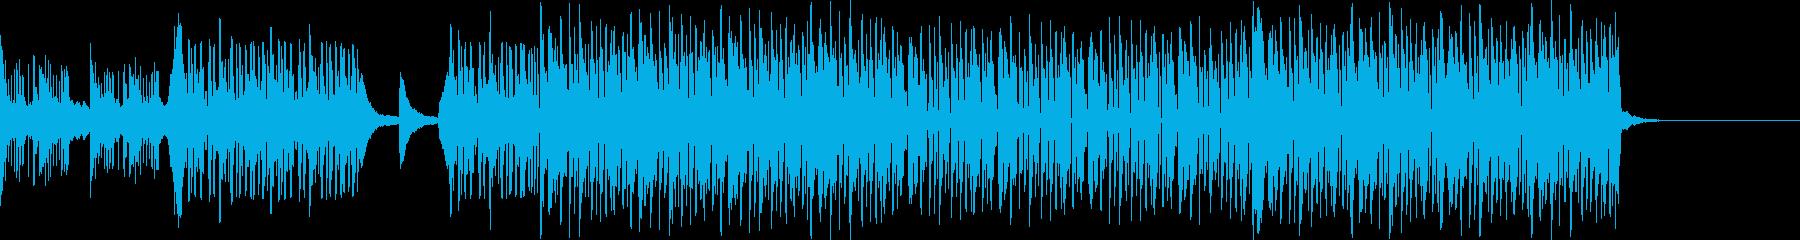 疾走感のあるタイトなビートの再生済みの波形